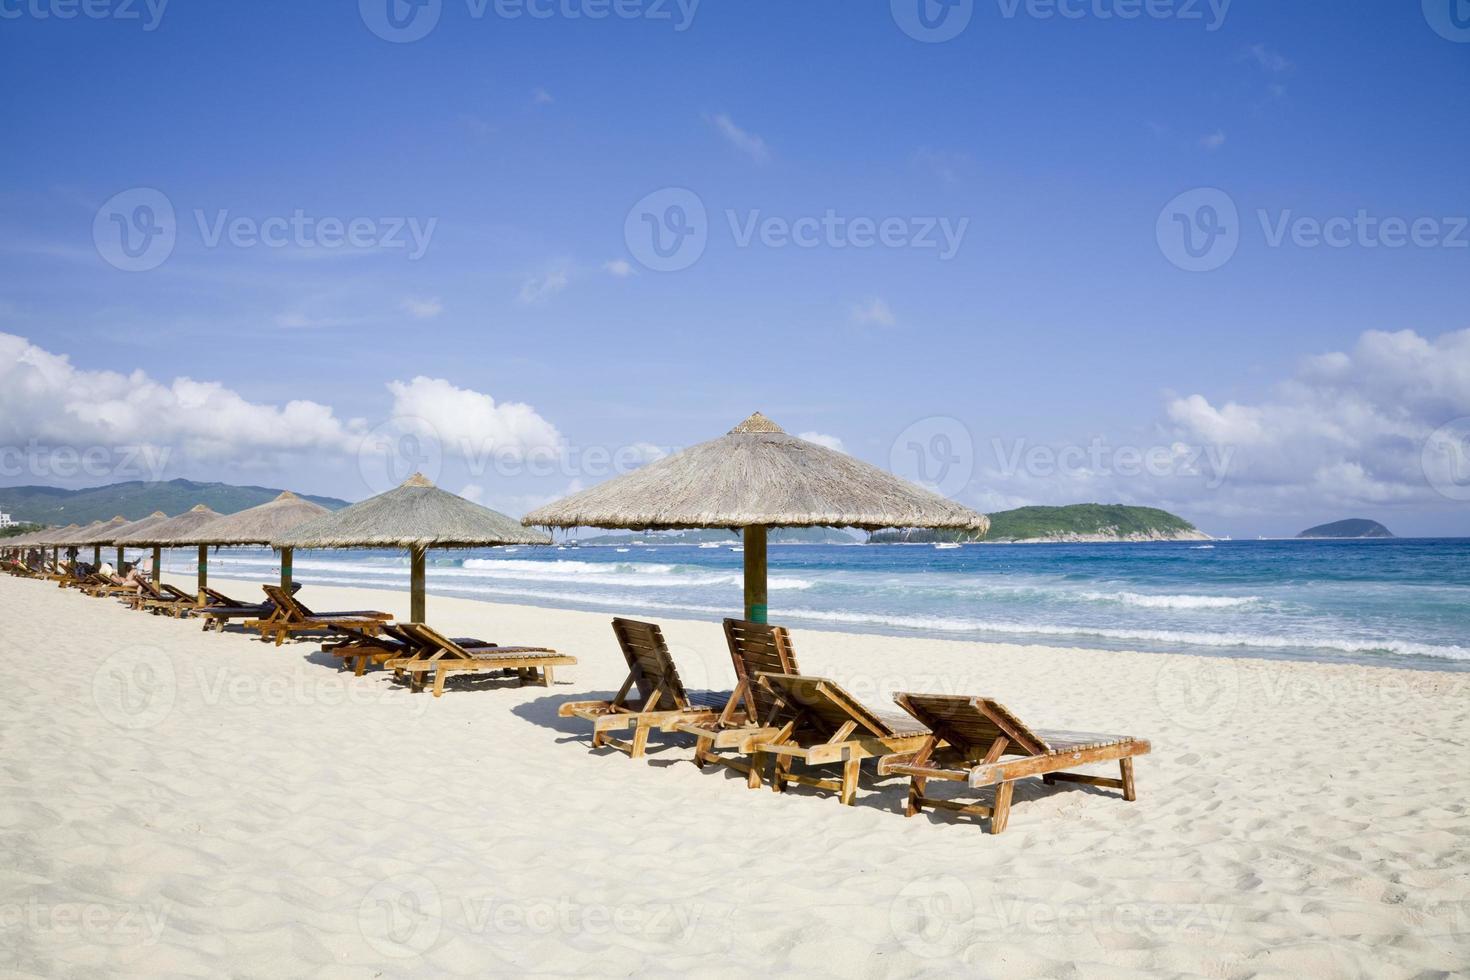 ligstoelen en parasols aan zee foto